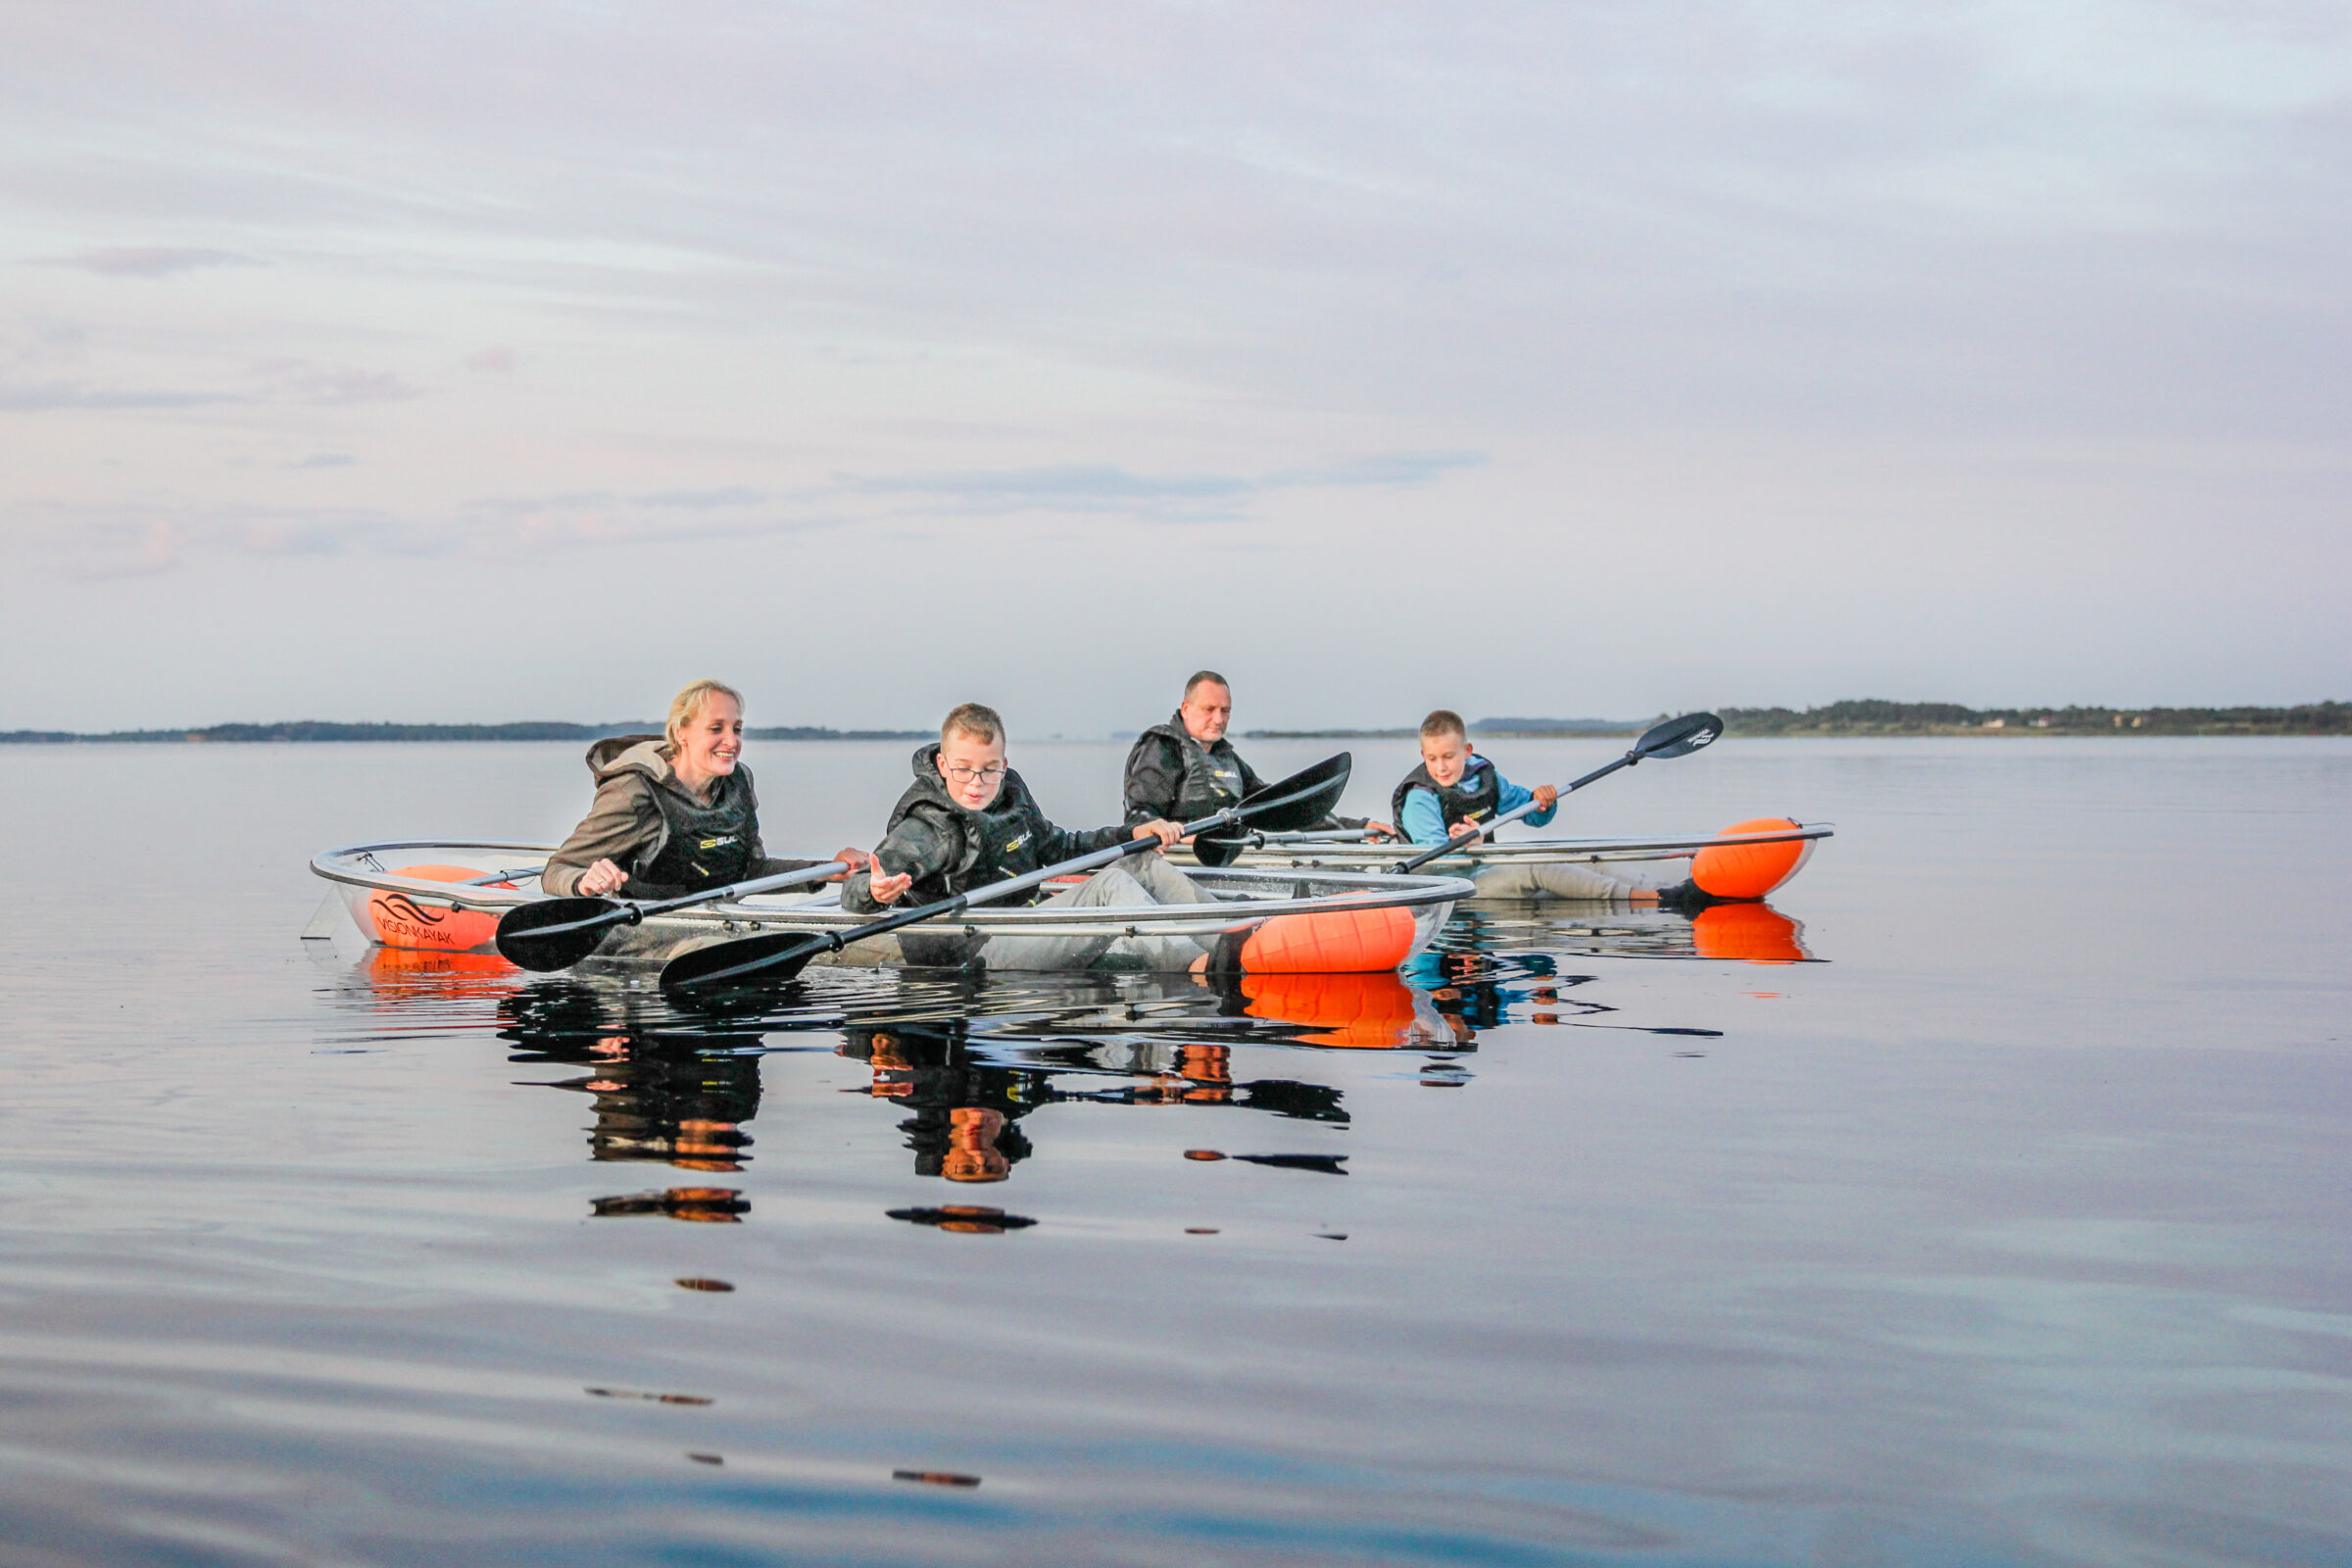 Solnedgangstur i glaskajak med VisionKayak i Skive i Midtjylland/Nordjylland - en vandsportsaktivitet/oplevelse for par, familier og oplagt til kærestetur